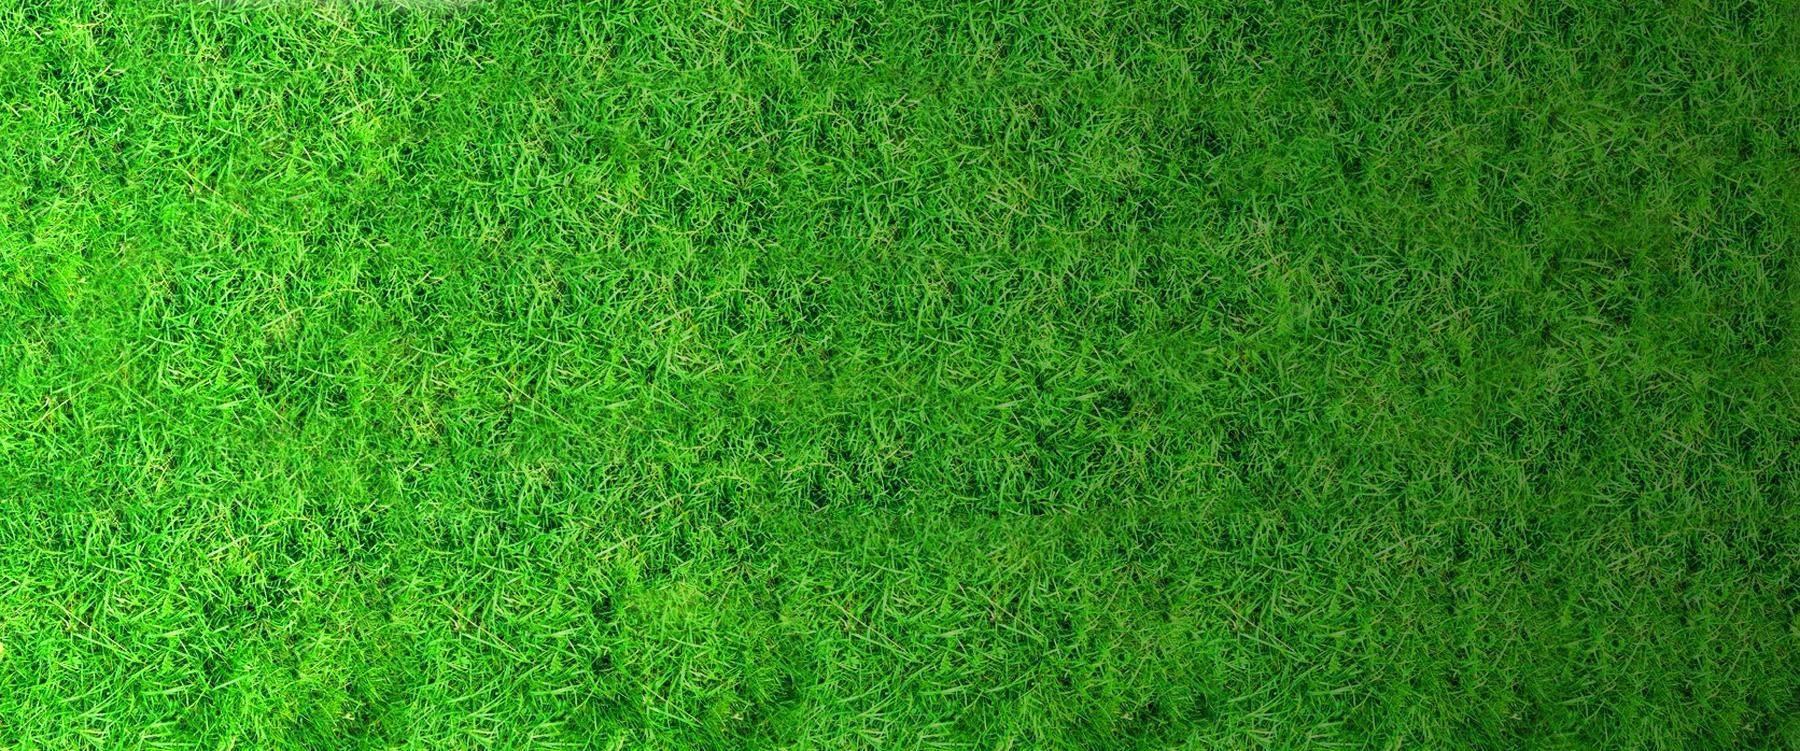 full background grass